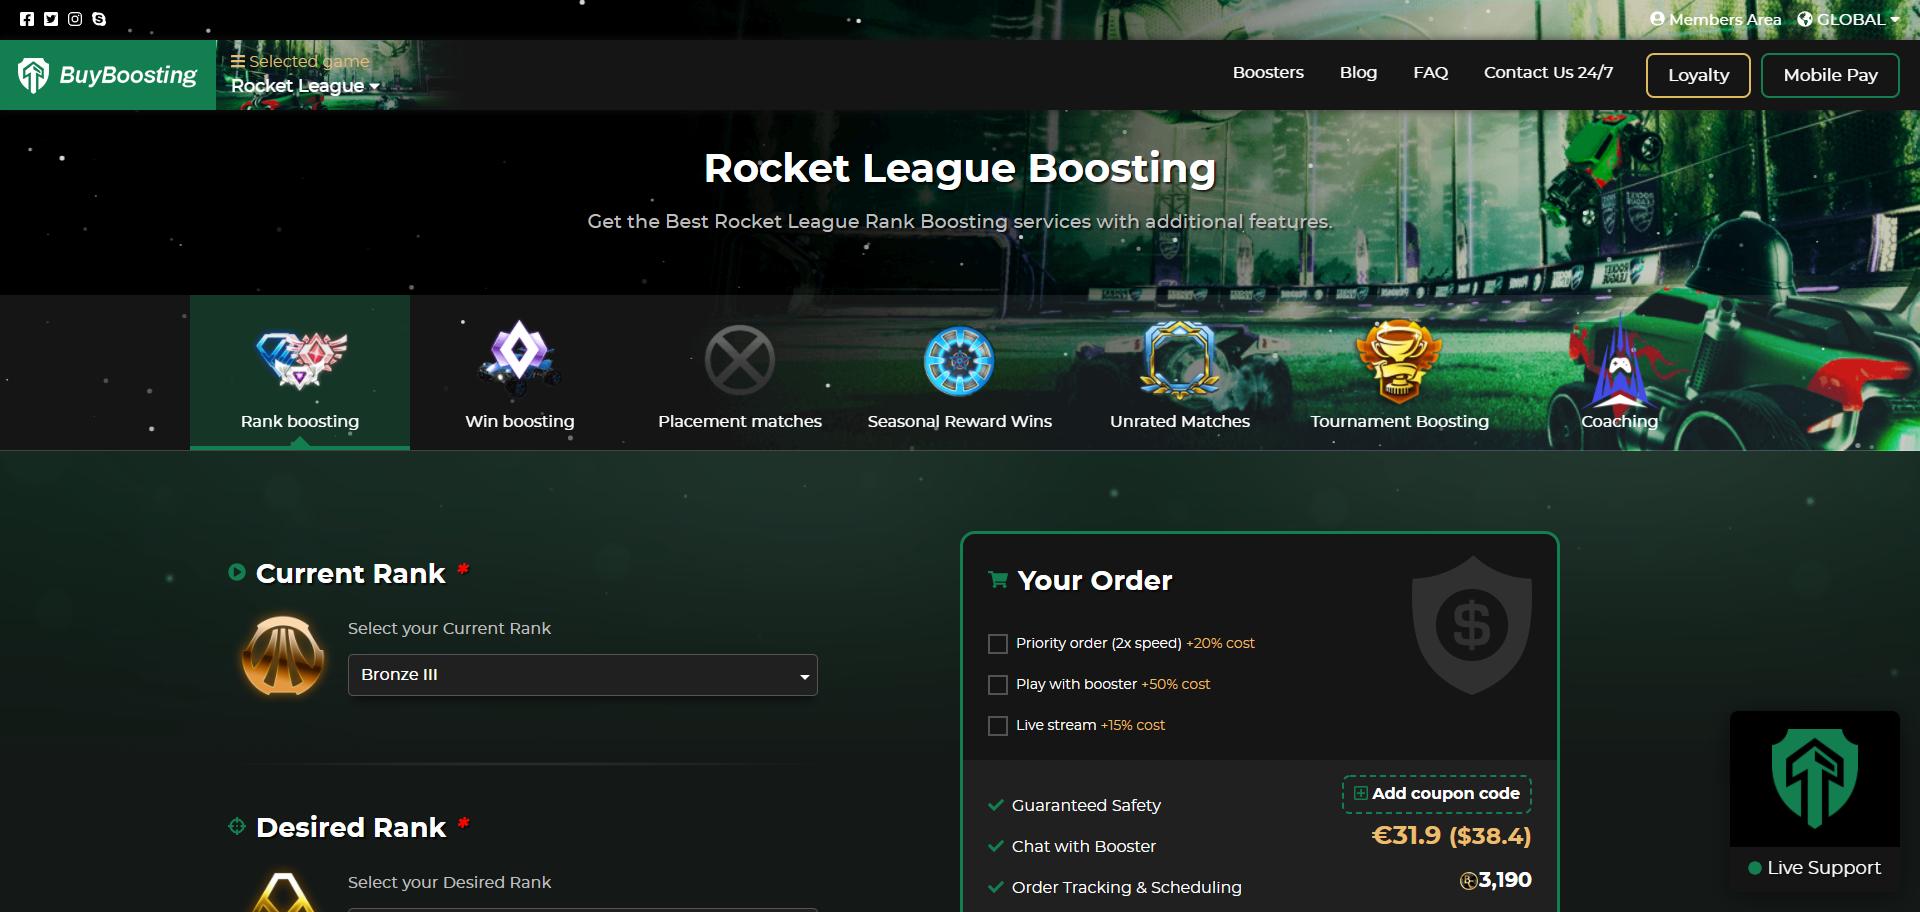 BuyBoosting Review Rocket League Ranks